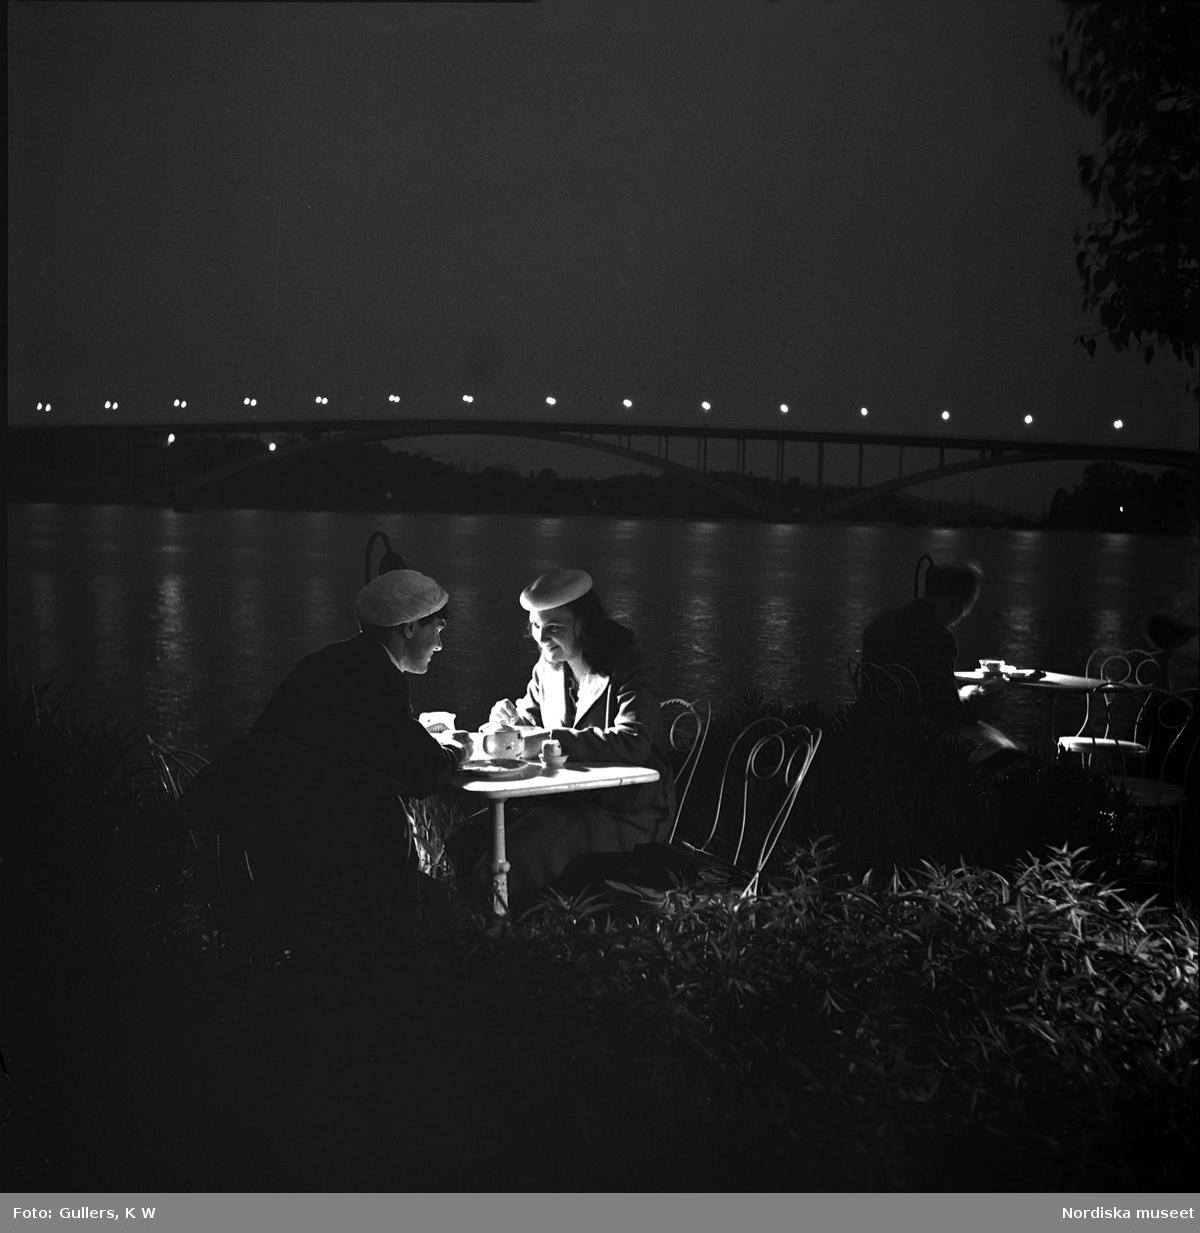 Norr Mälarstrand, Stockholm. Två kvinnor sitter vid ett bord på en uteservering i kvällsbelysning. Riddarfjärden och Västerbron i bakgrunden.